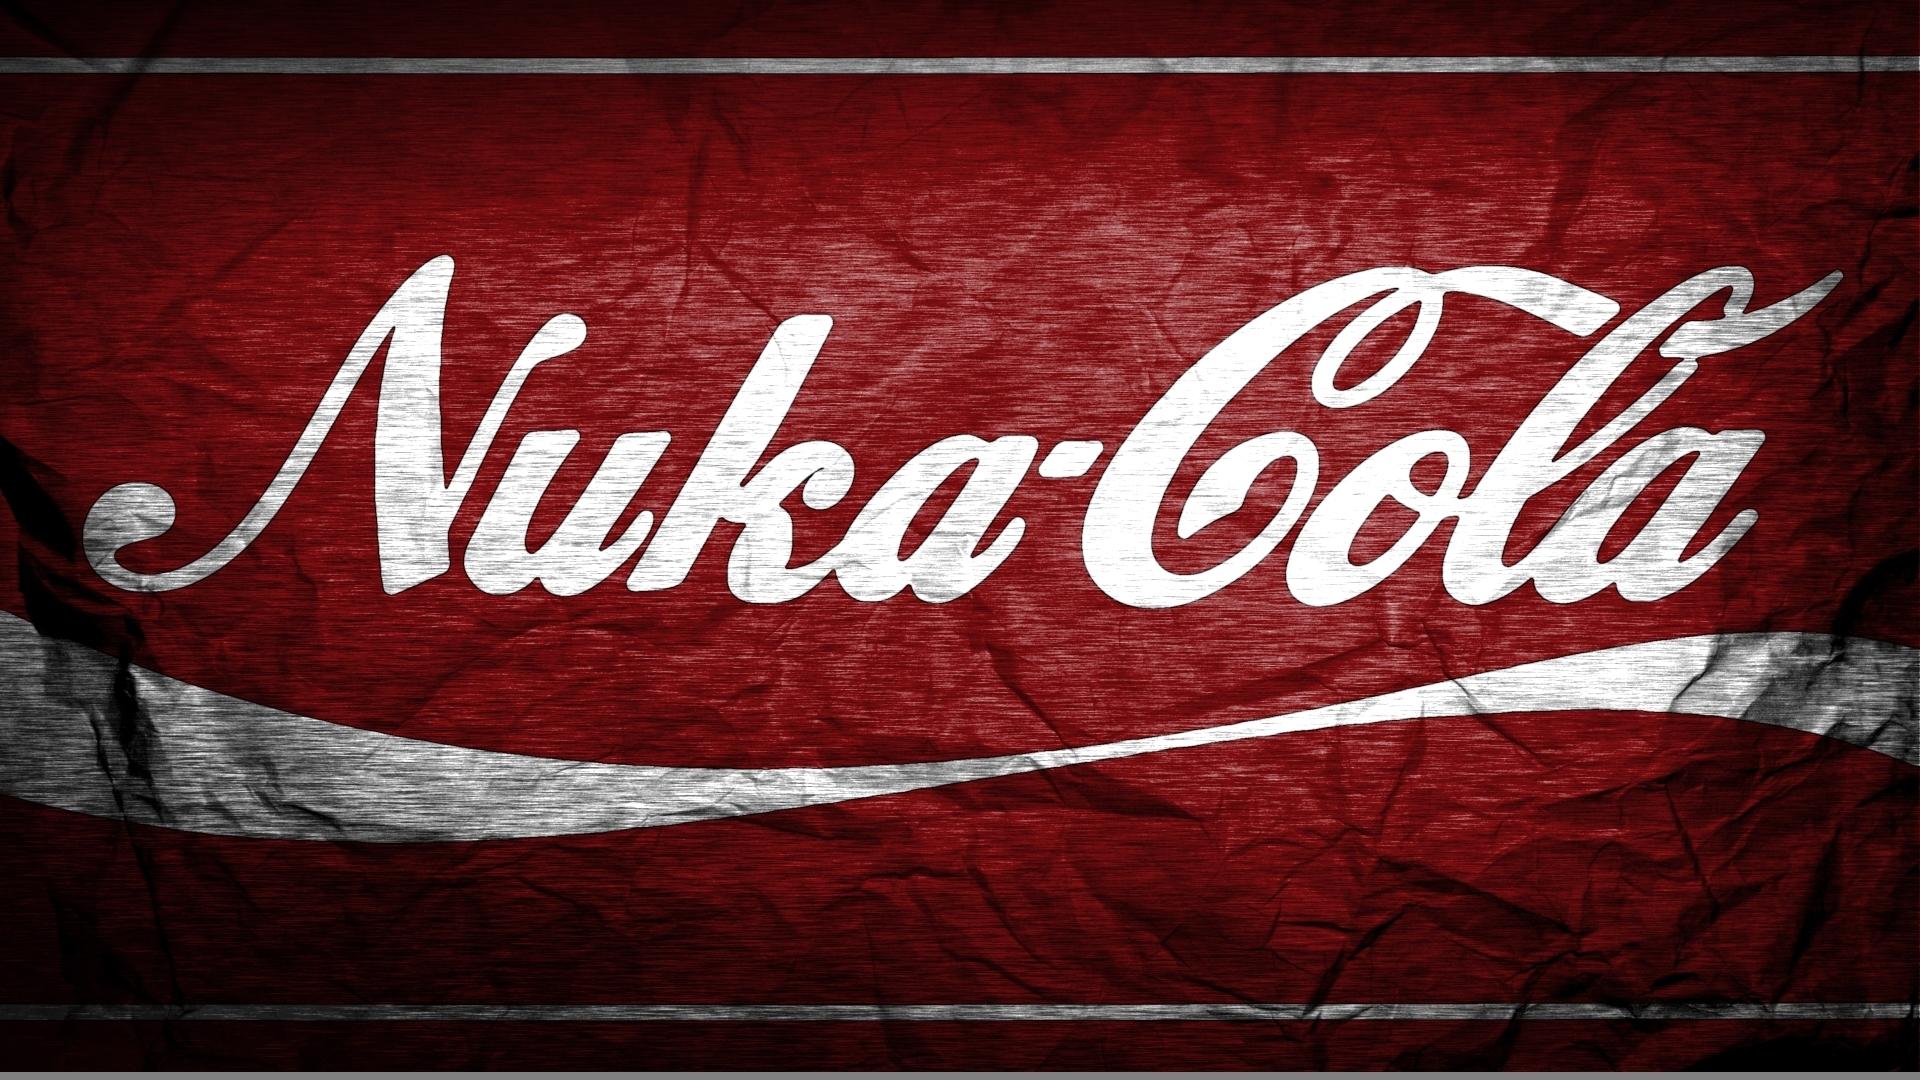 nuka cola hd wallpaper | 1920x1080 | id:40004 - wallpapervortex